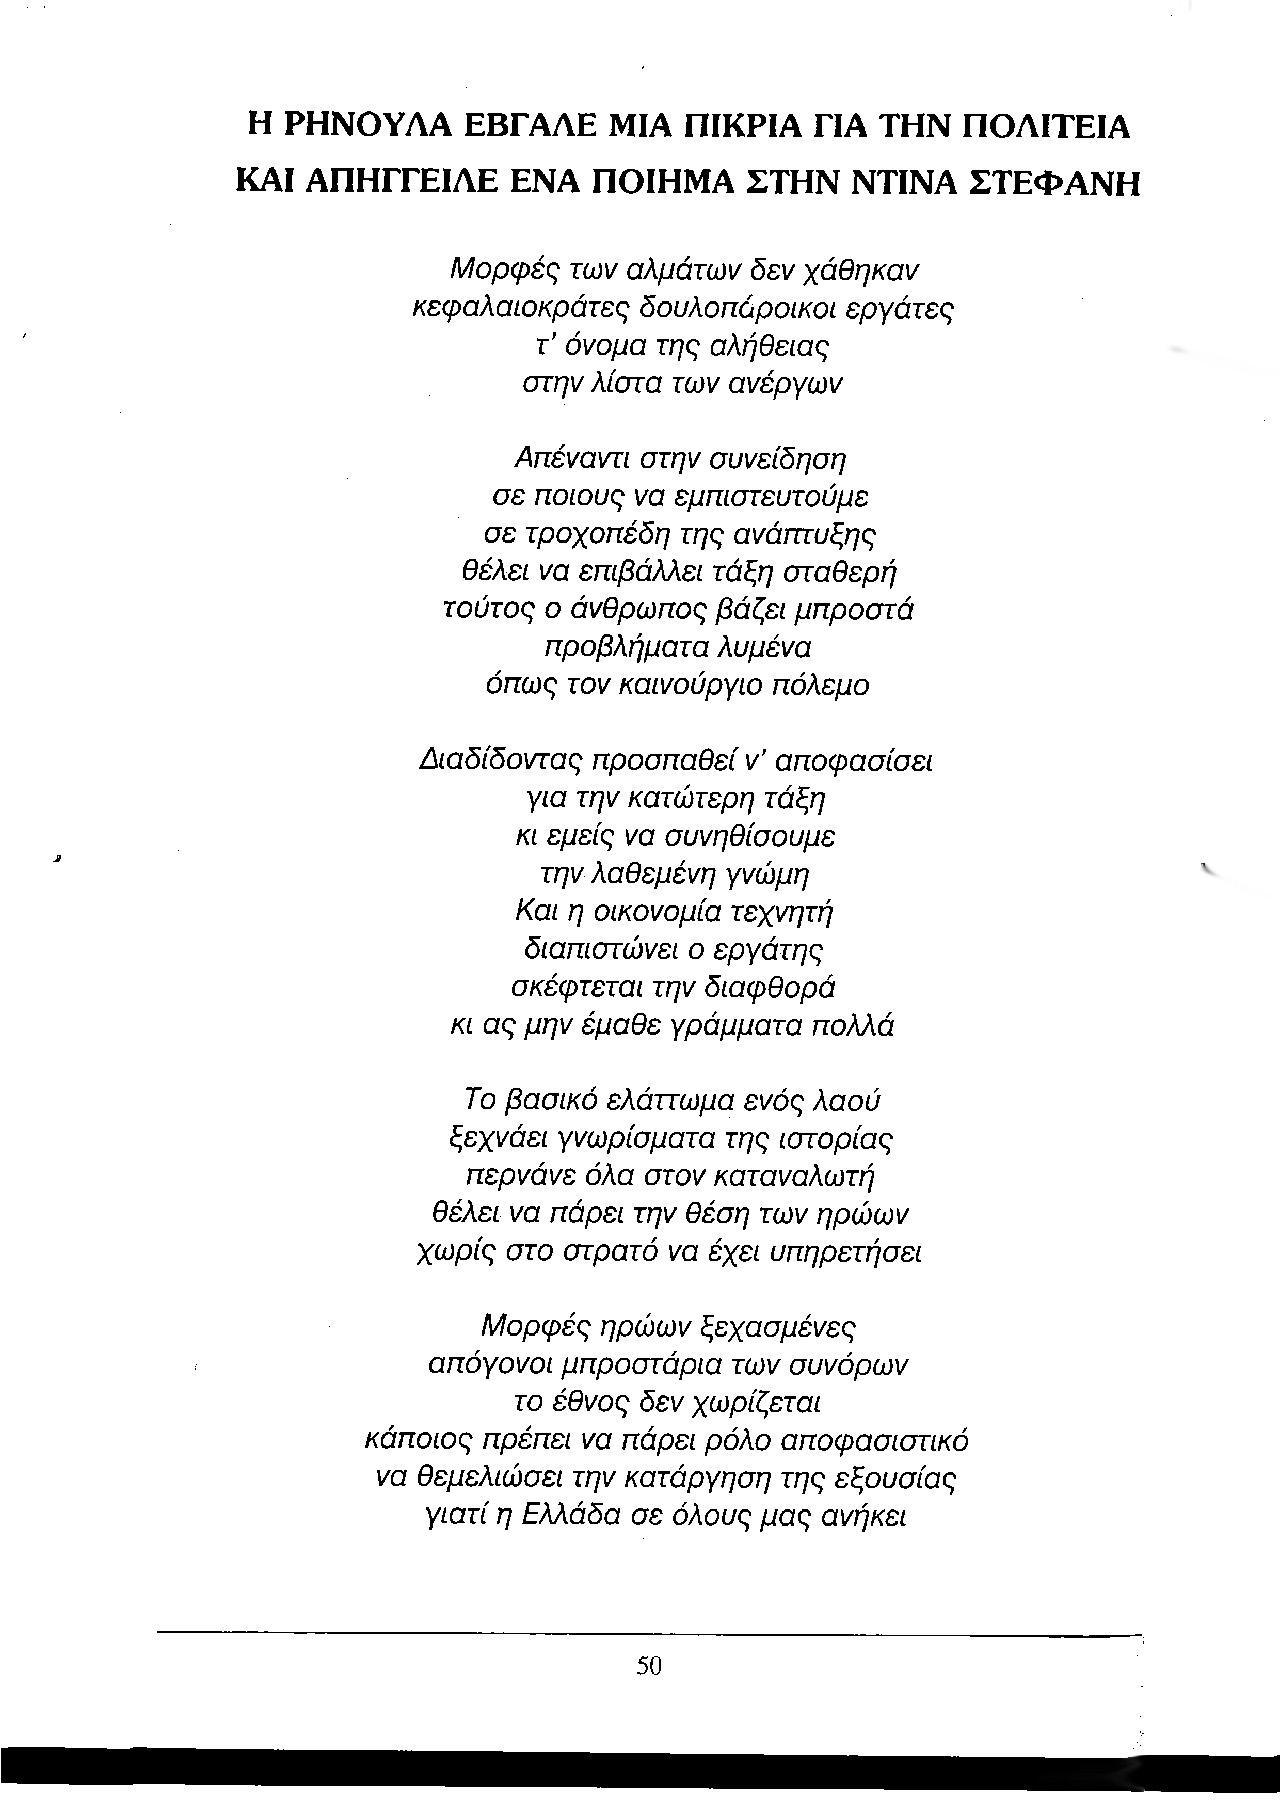 aposmasma_vivliou_001